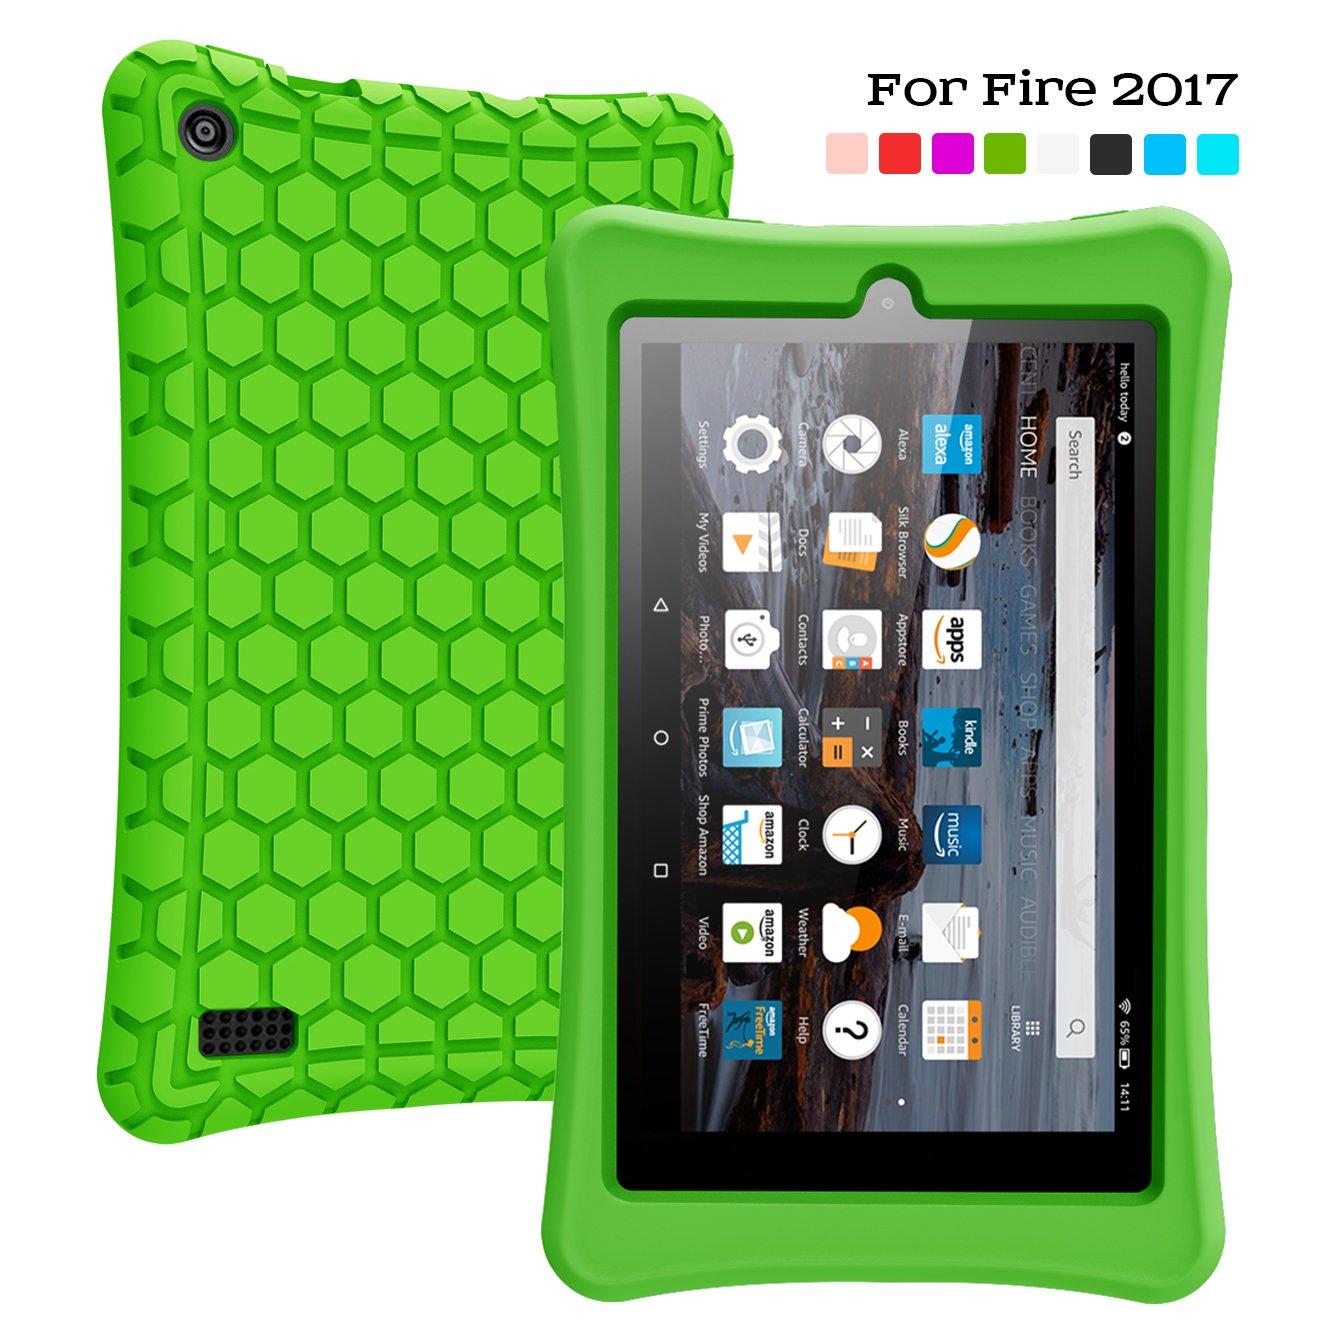 【国内配送】 KUTOP case 2 二つ折り版 ピンク KUTOP グリーン FRHD GJ 2 GJ 17 GR グリーン B07KZXHHQQ, セレクトビオ:0482d534 --- a0267596.xsph.ru